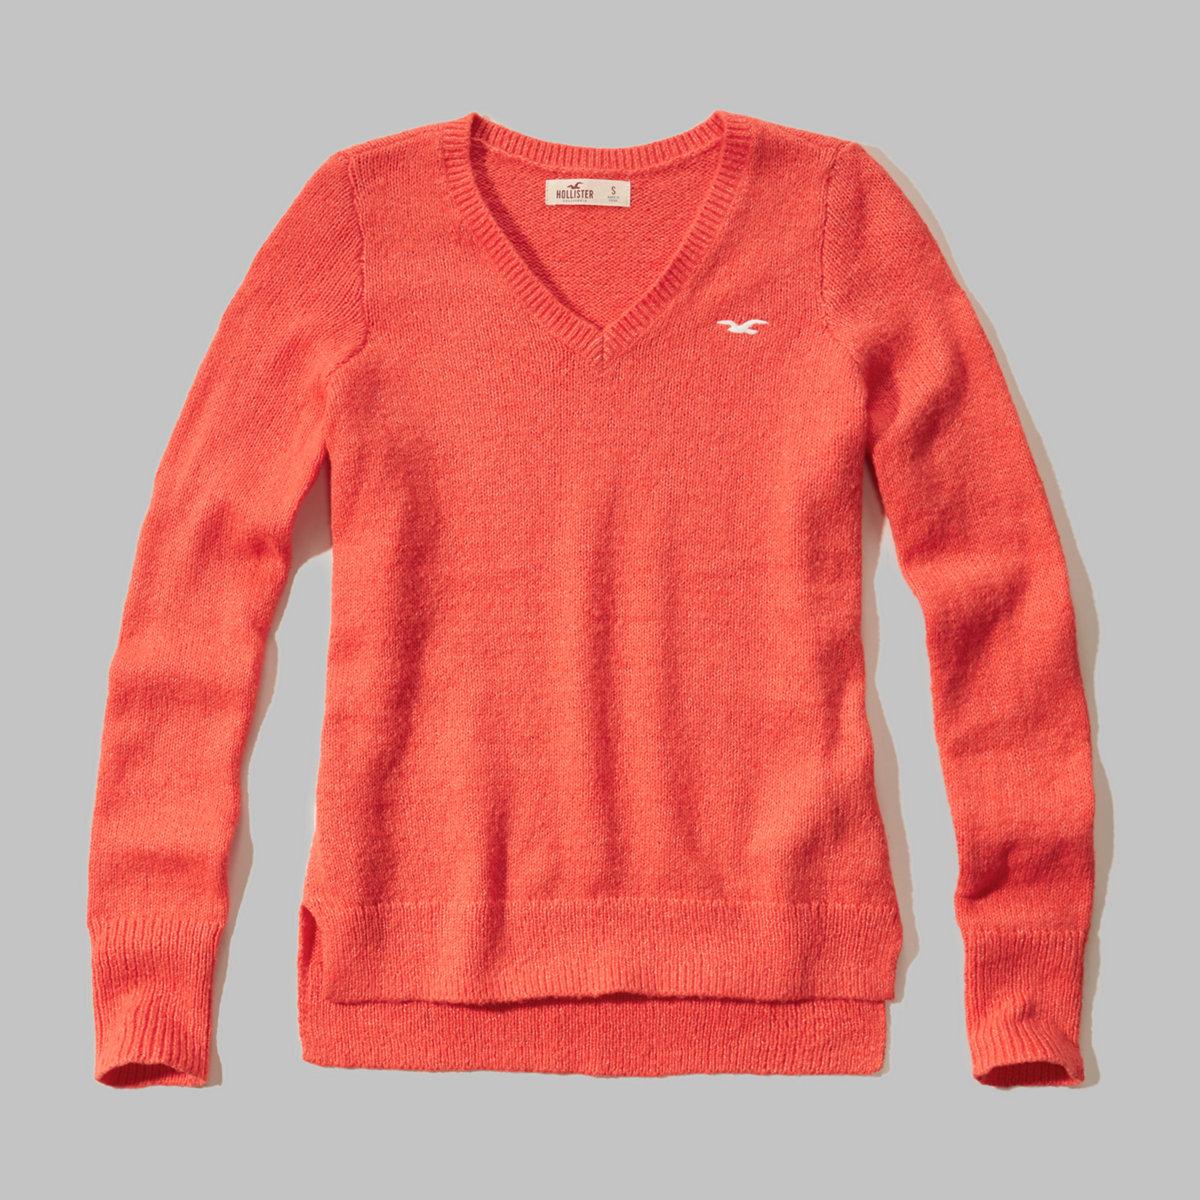 Iconic V-neck Sweater